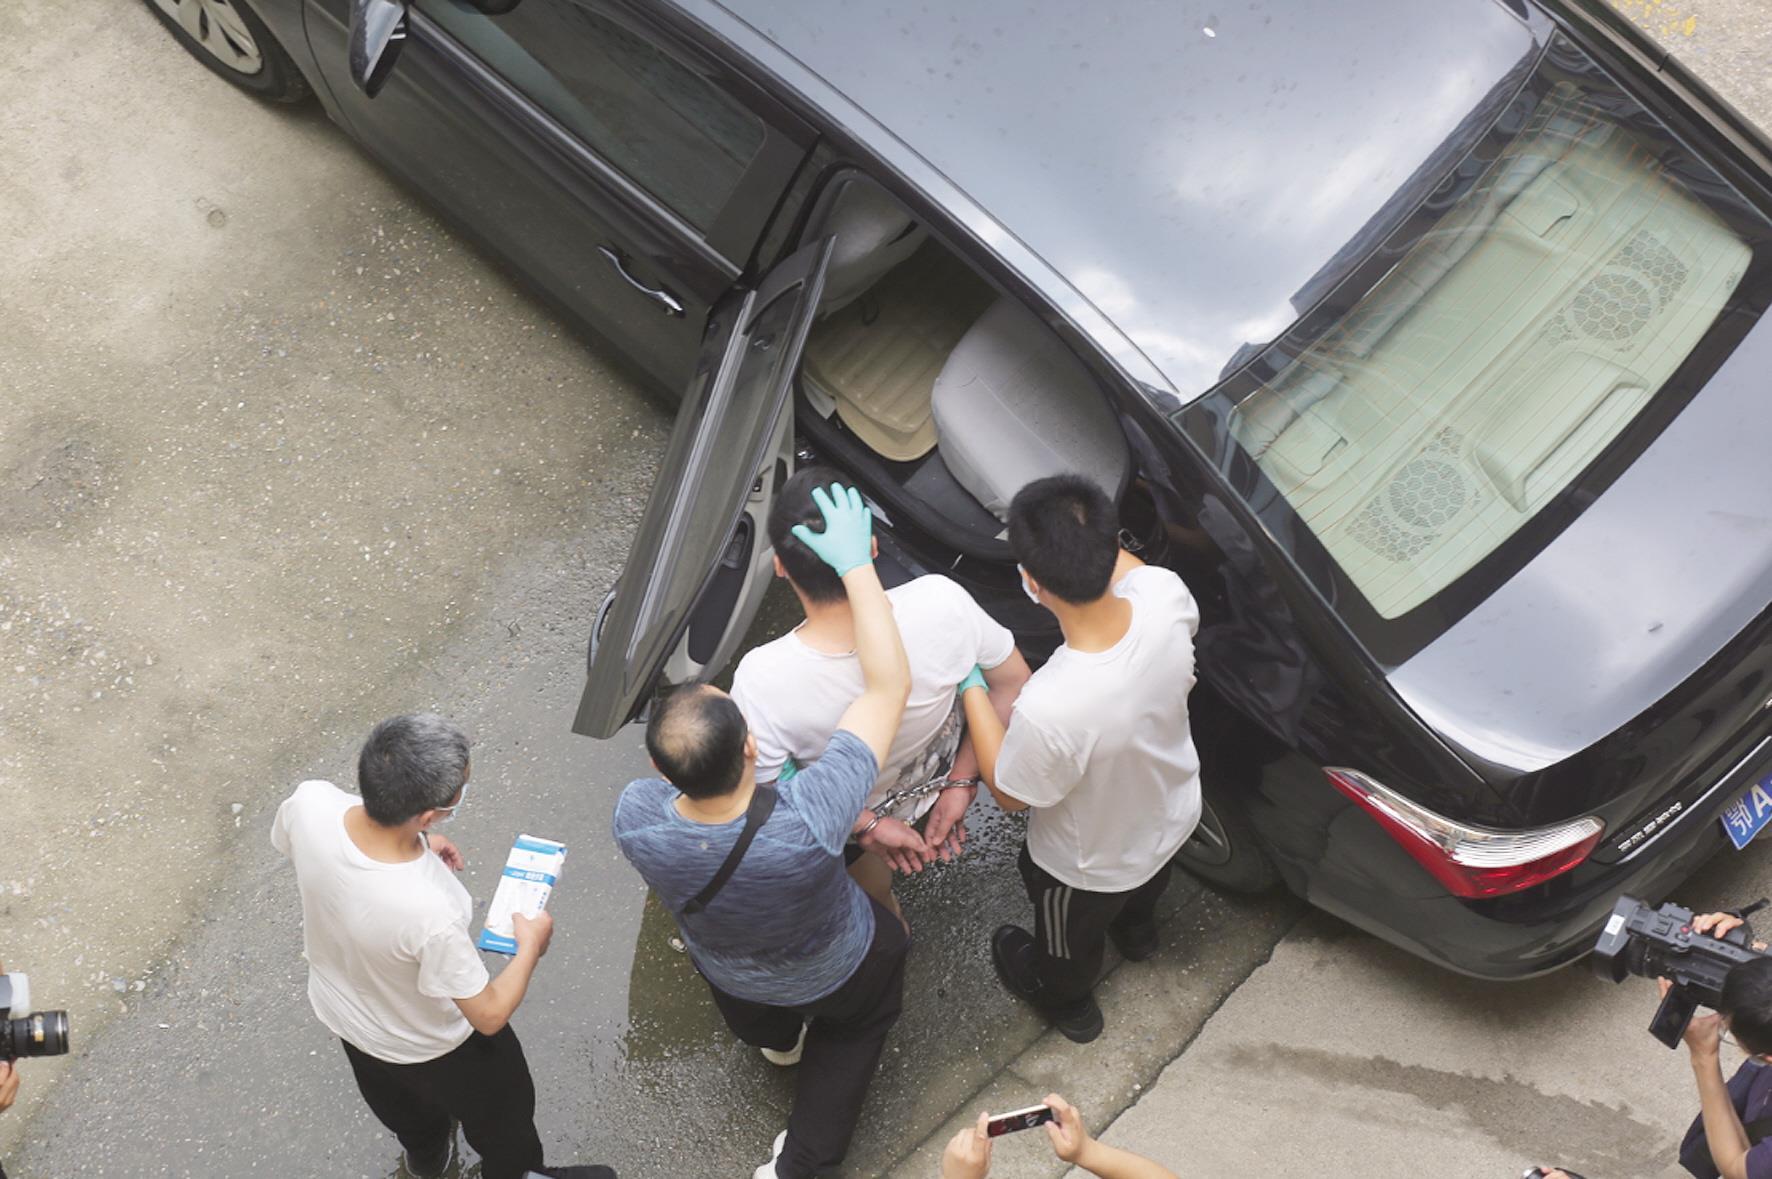 无人机确认嫌疑人在家 民警端掉江夏一制作假币窝点